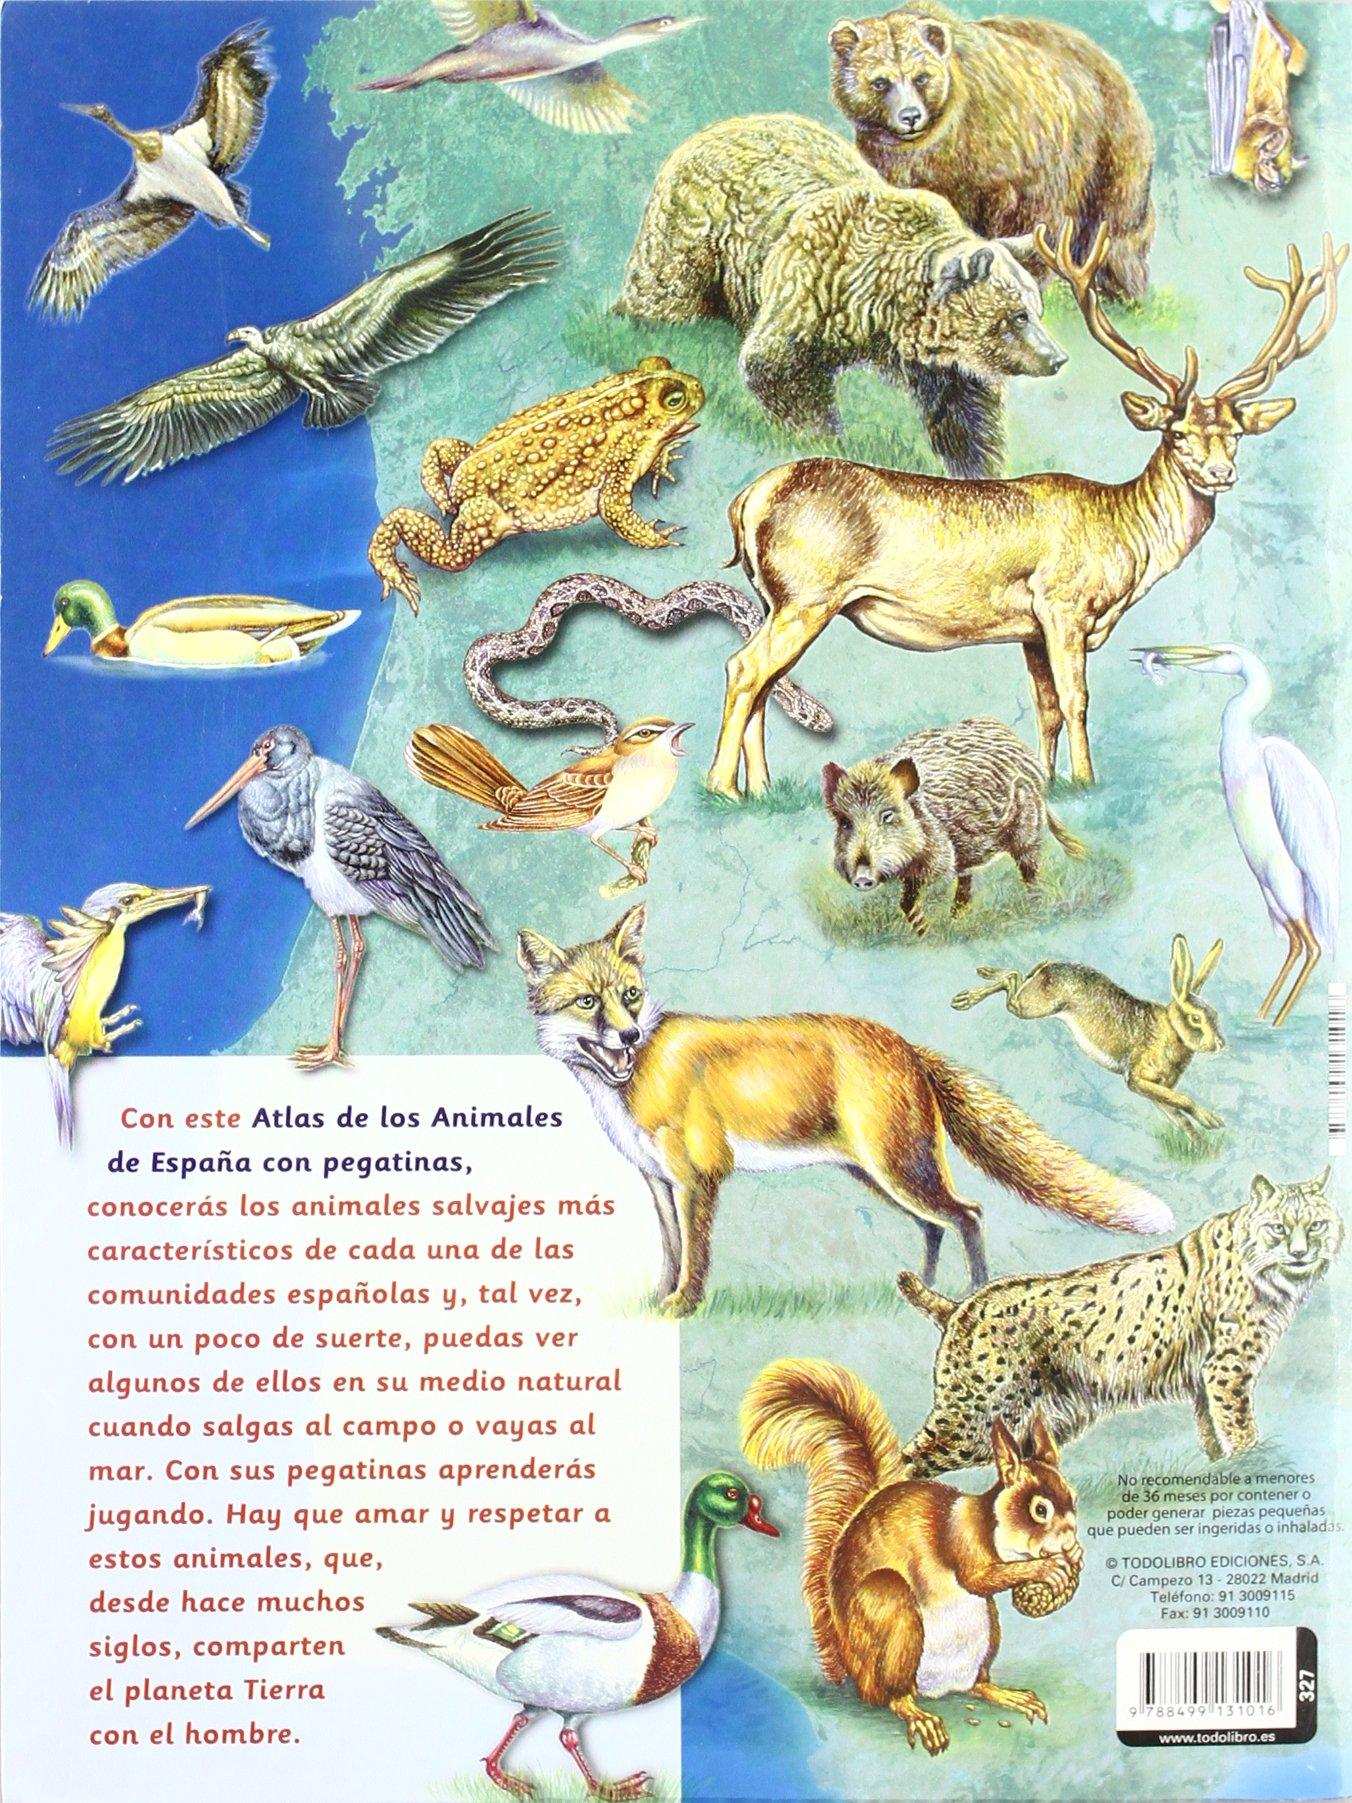 Atlas de los animales de España con pegatinas: Amazon.es: Todolibro, Equipo, Todolibro, Equipo: Libros